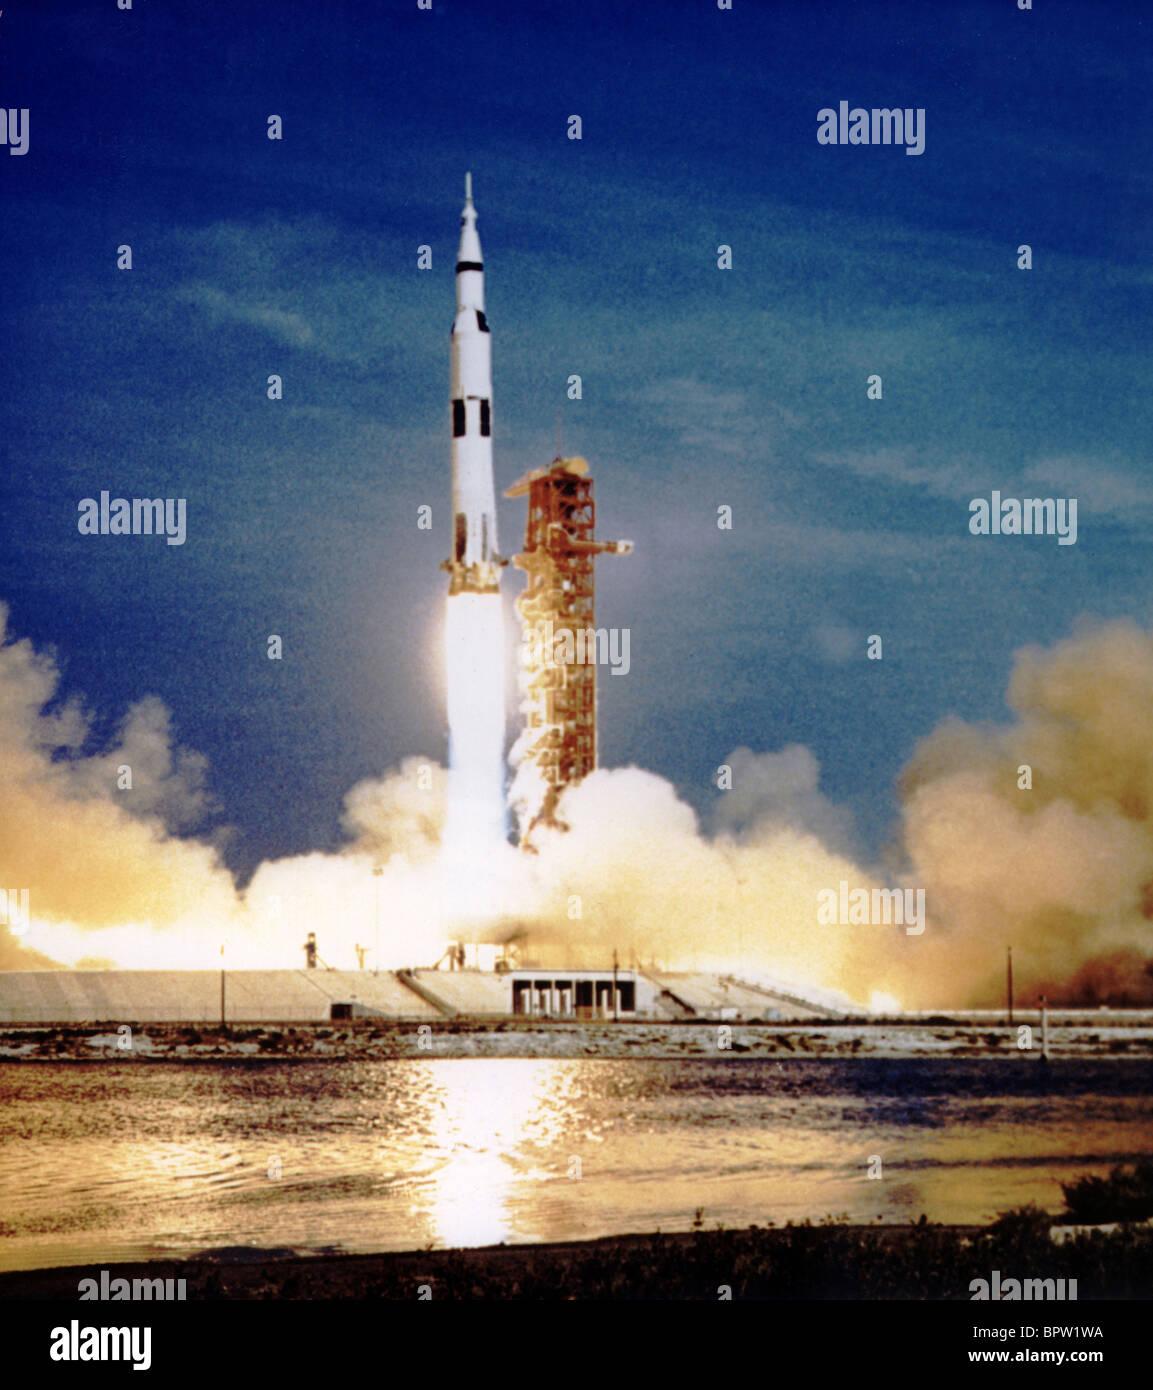 Lanzamiento del cohete Saturno Apolo 11 (1969) Imagen De Stock